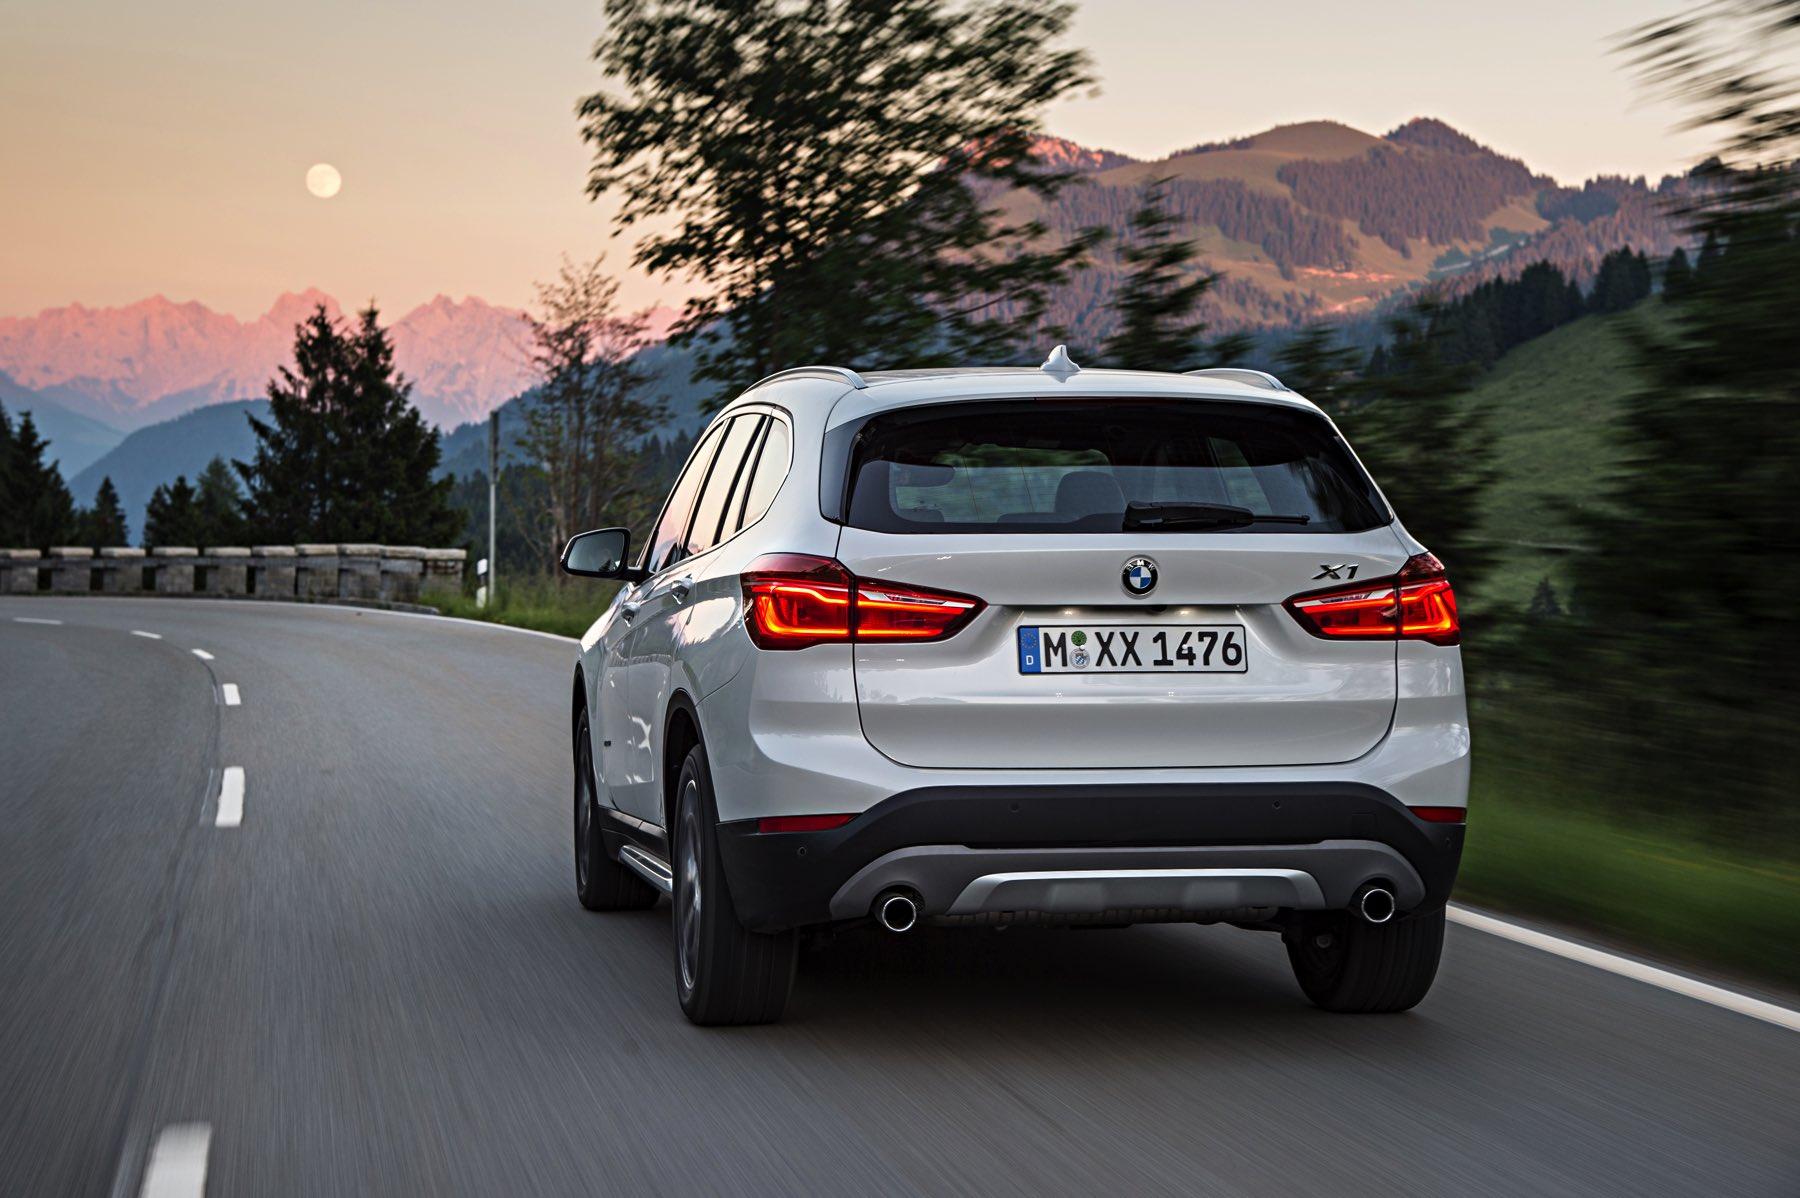 txGarage-BMW-X1-driven-011